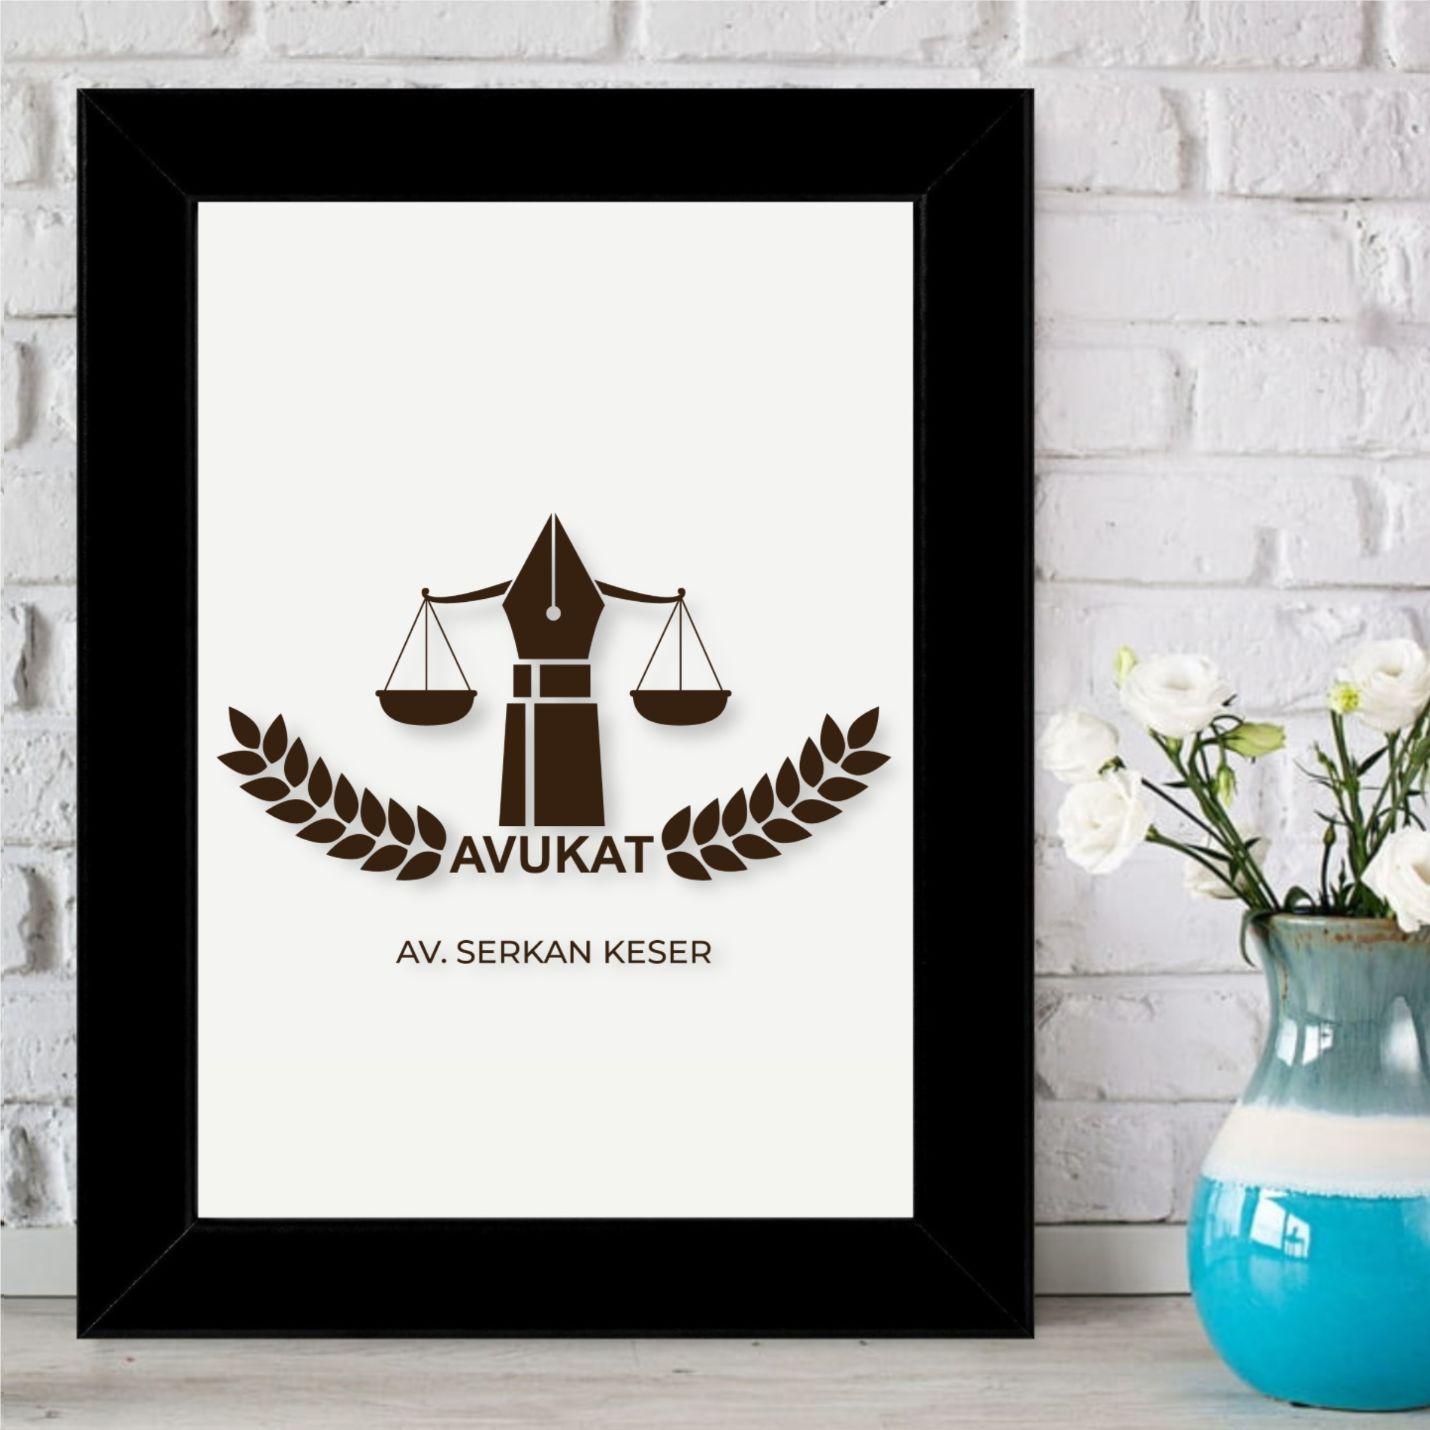 Kişiye Özel Avukat Tasarımlı Çerçeveli Pano